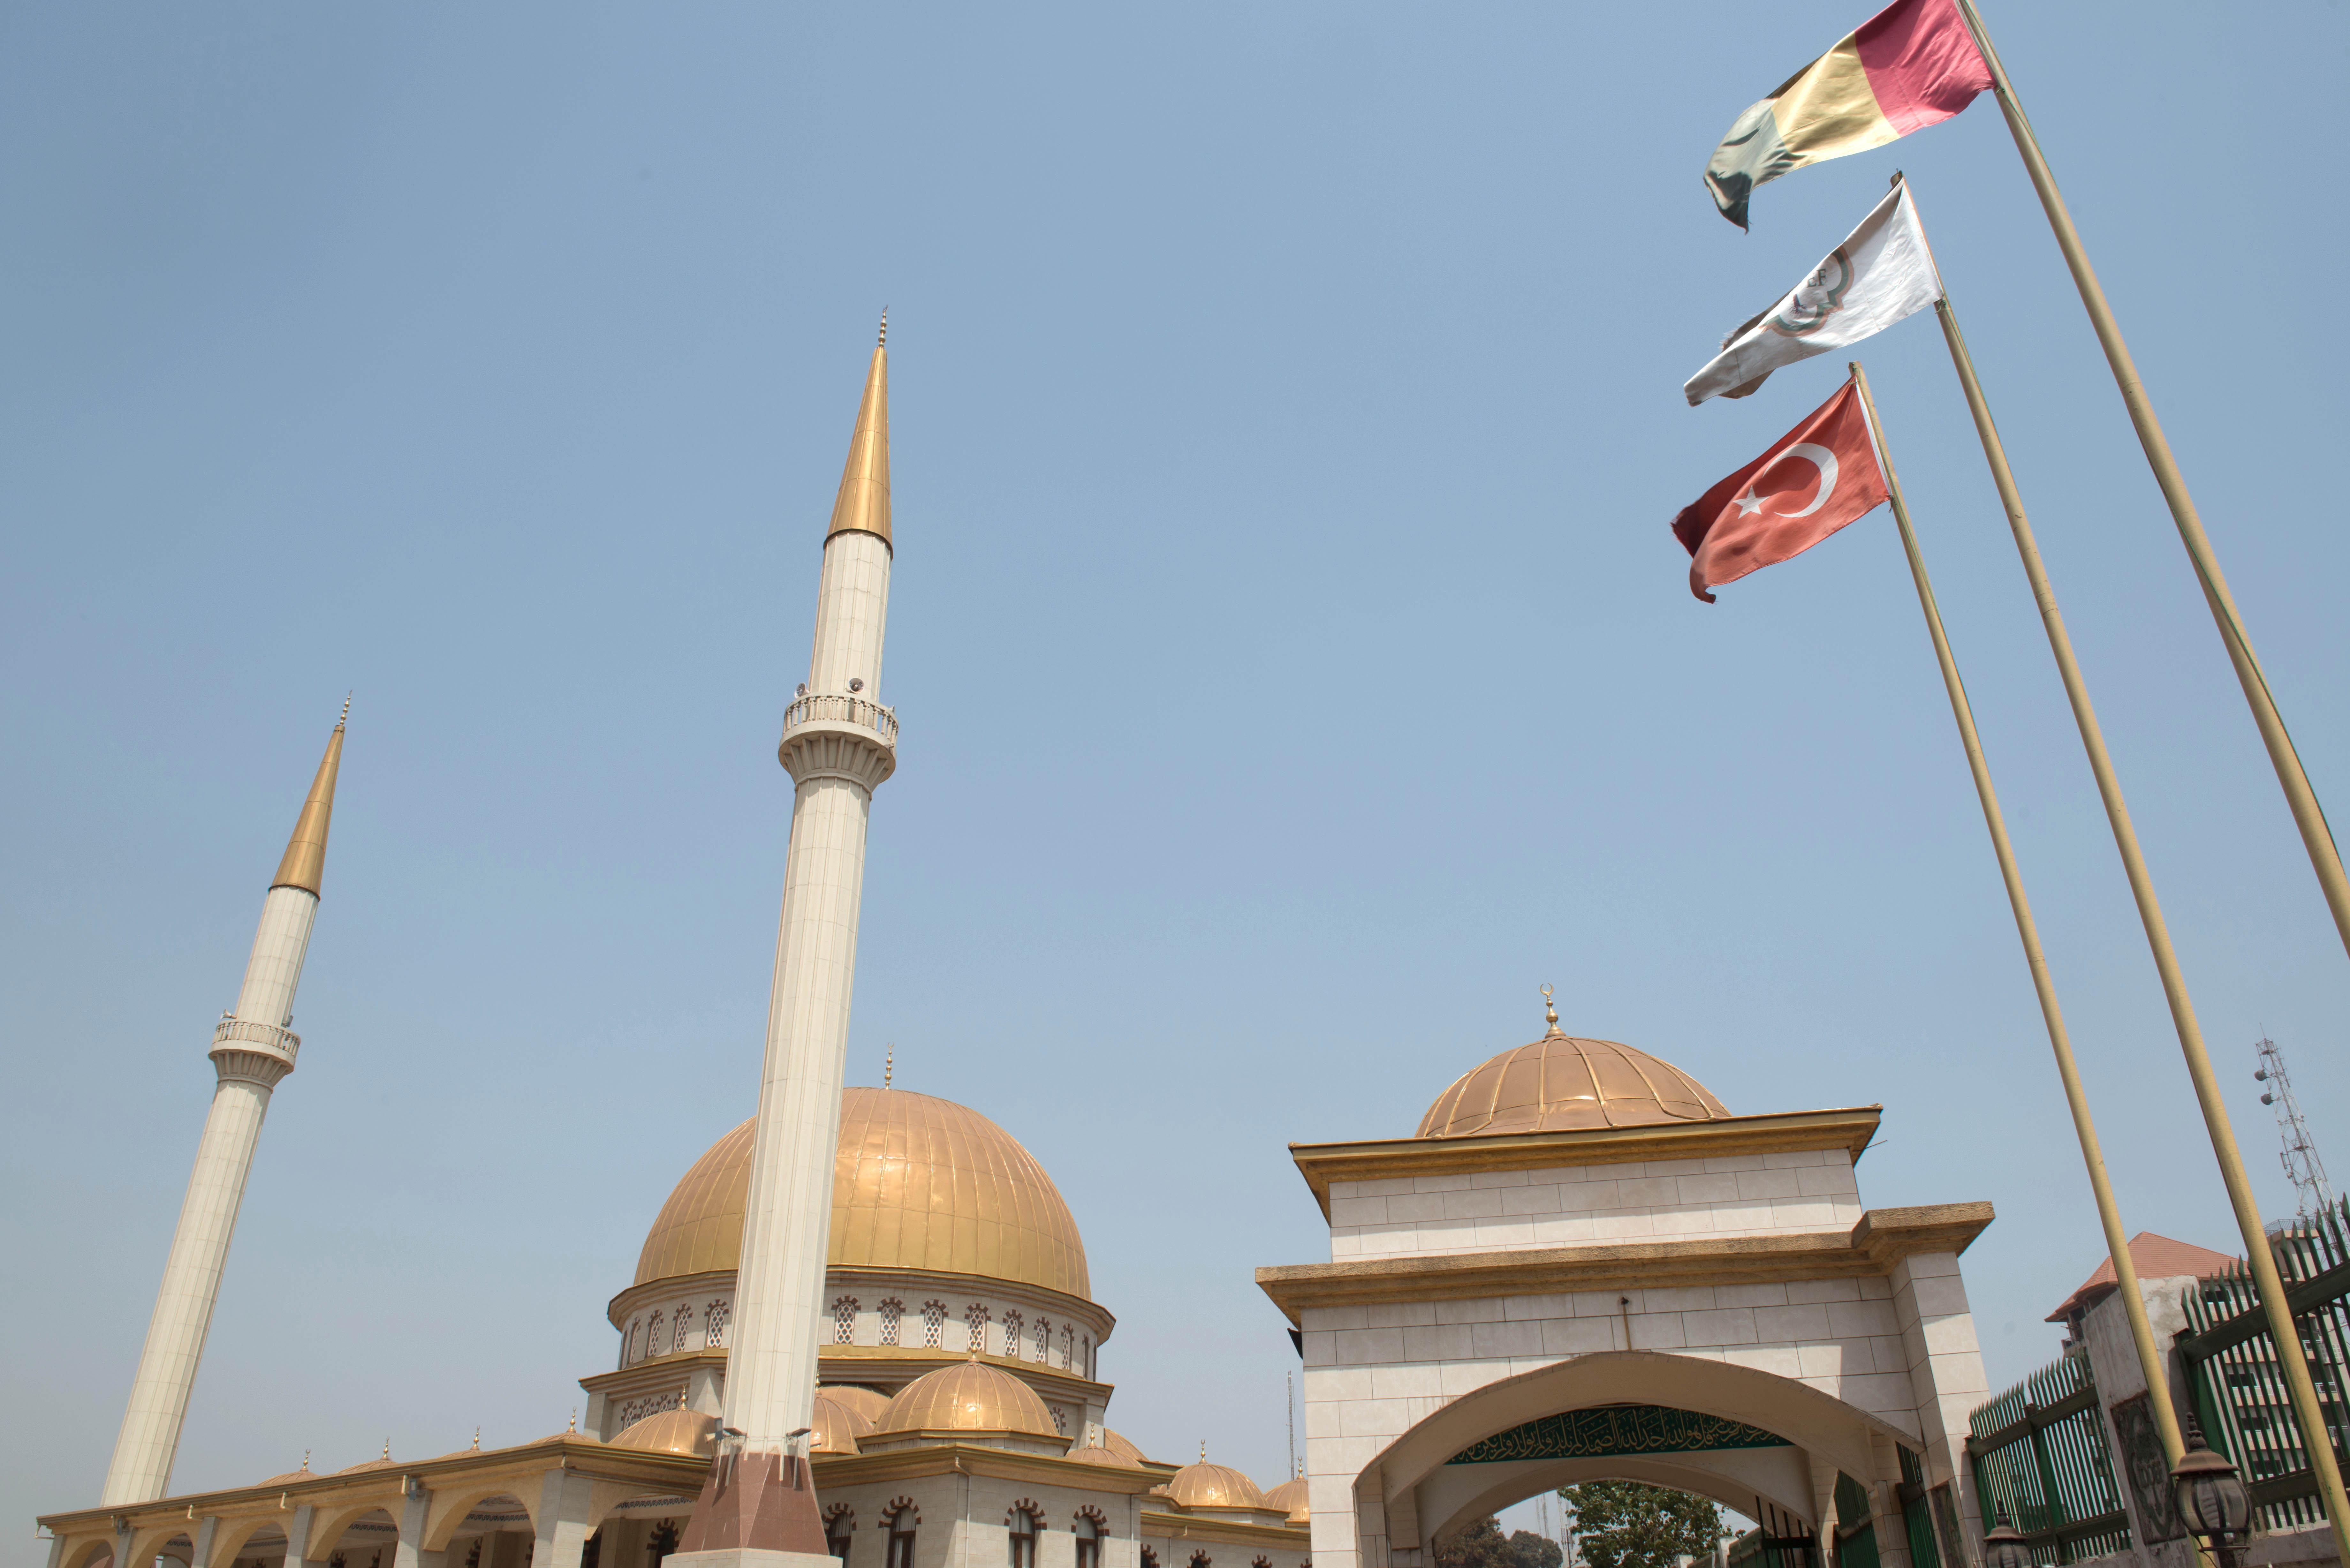 Constructions réalisées par des entreprises de BTP turques. La mosquée de Bambeto est l'ouvrage le plus emblématique.